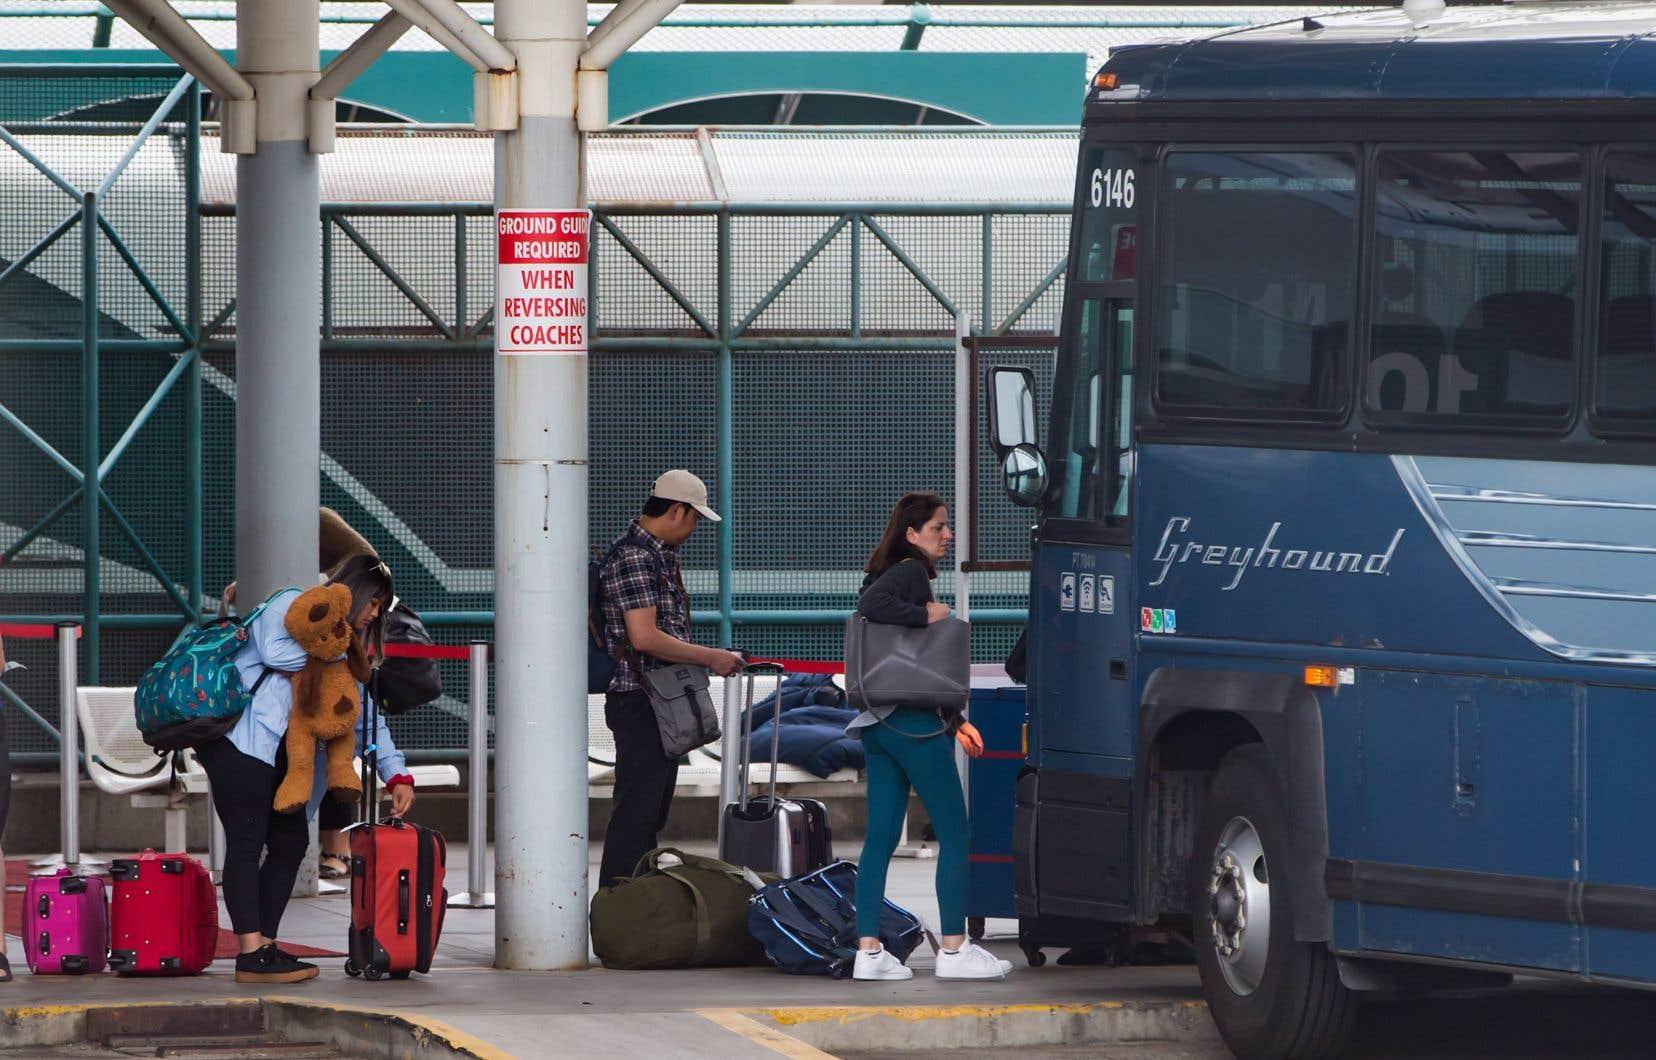 Des passagers de Greyhound récupèrent leurs bagages à leur arrivée à Vancouver.